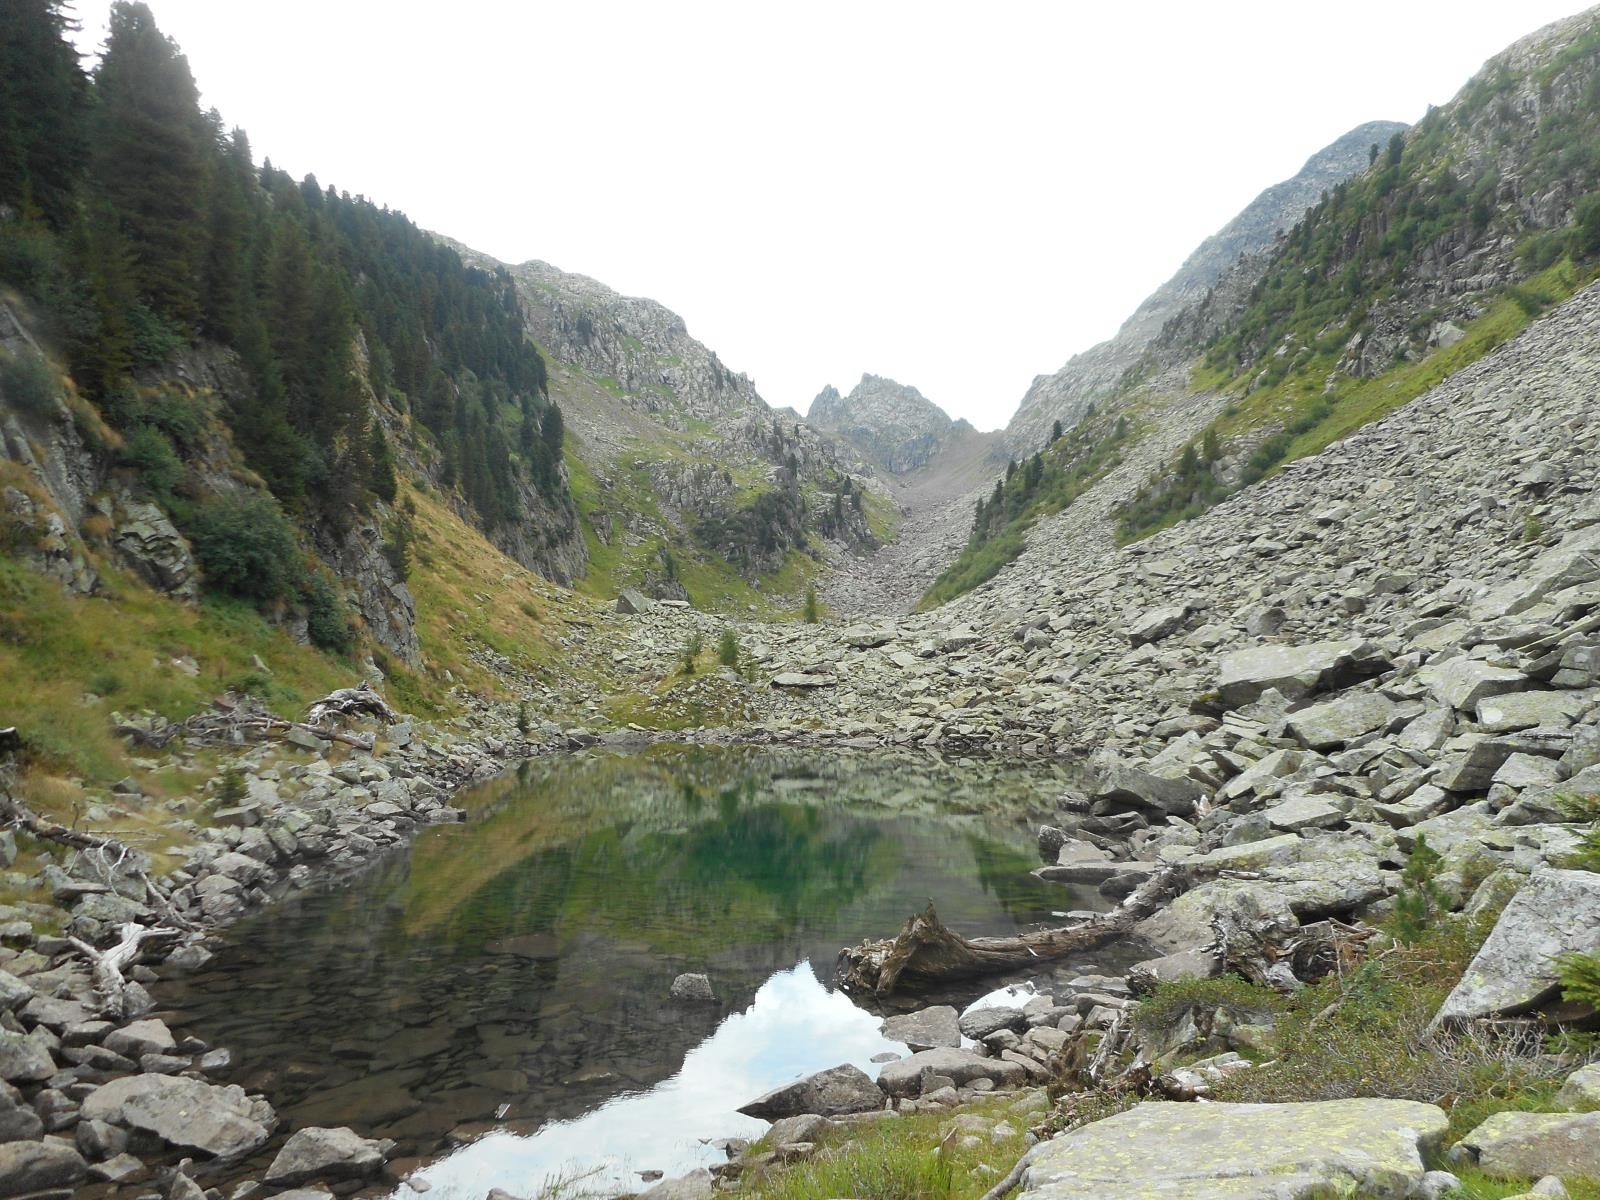 Le Lago di Caserina, massif du Paneveggio